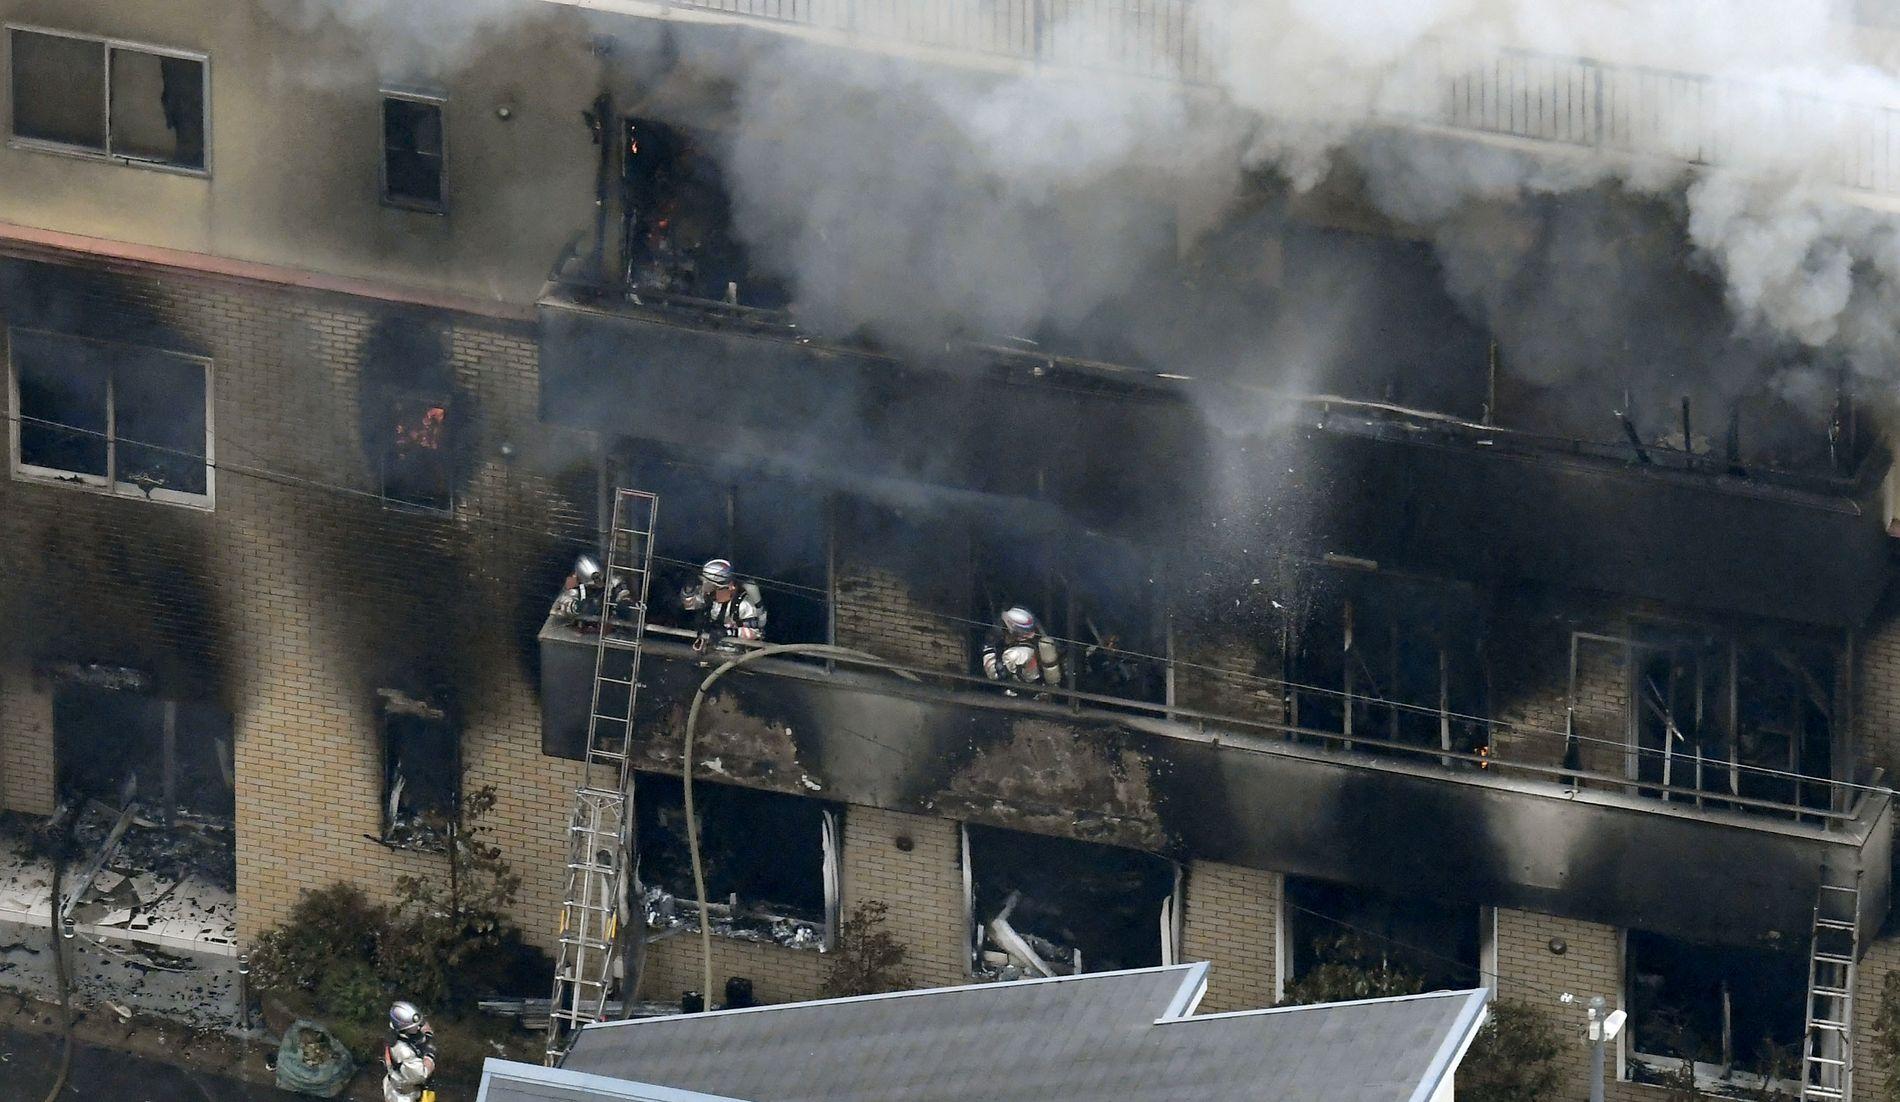 KONTROLL: Brannen skal nå være under kontroll, og brannmannskapene er i gang med å gjennomsøke bygningen.